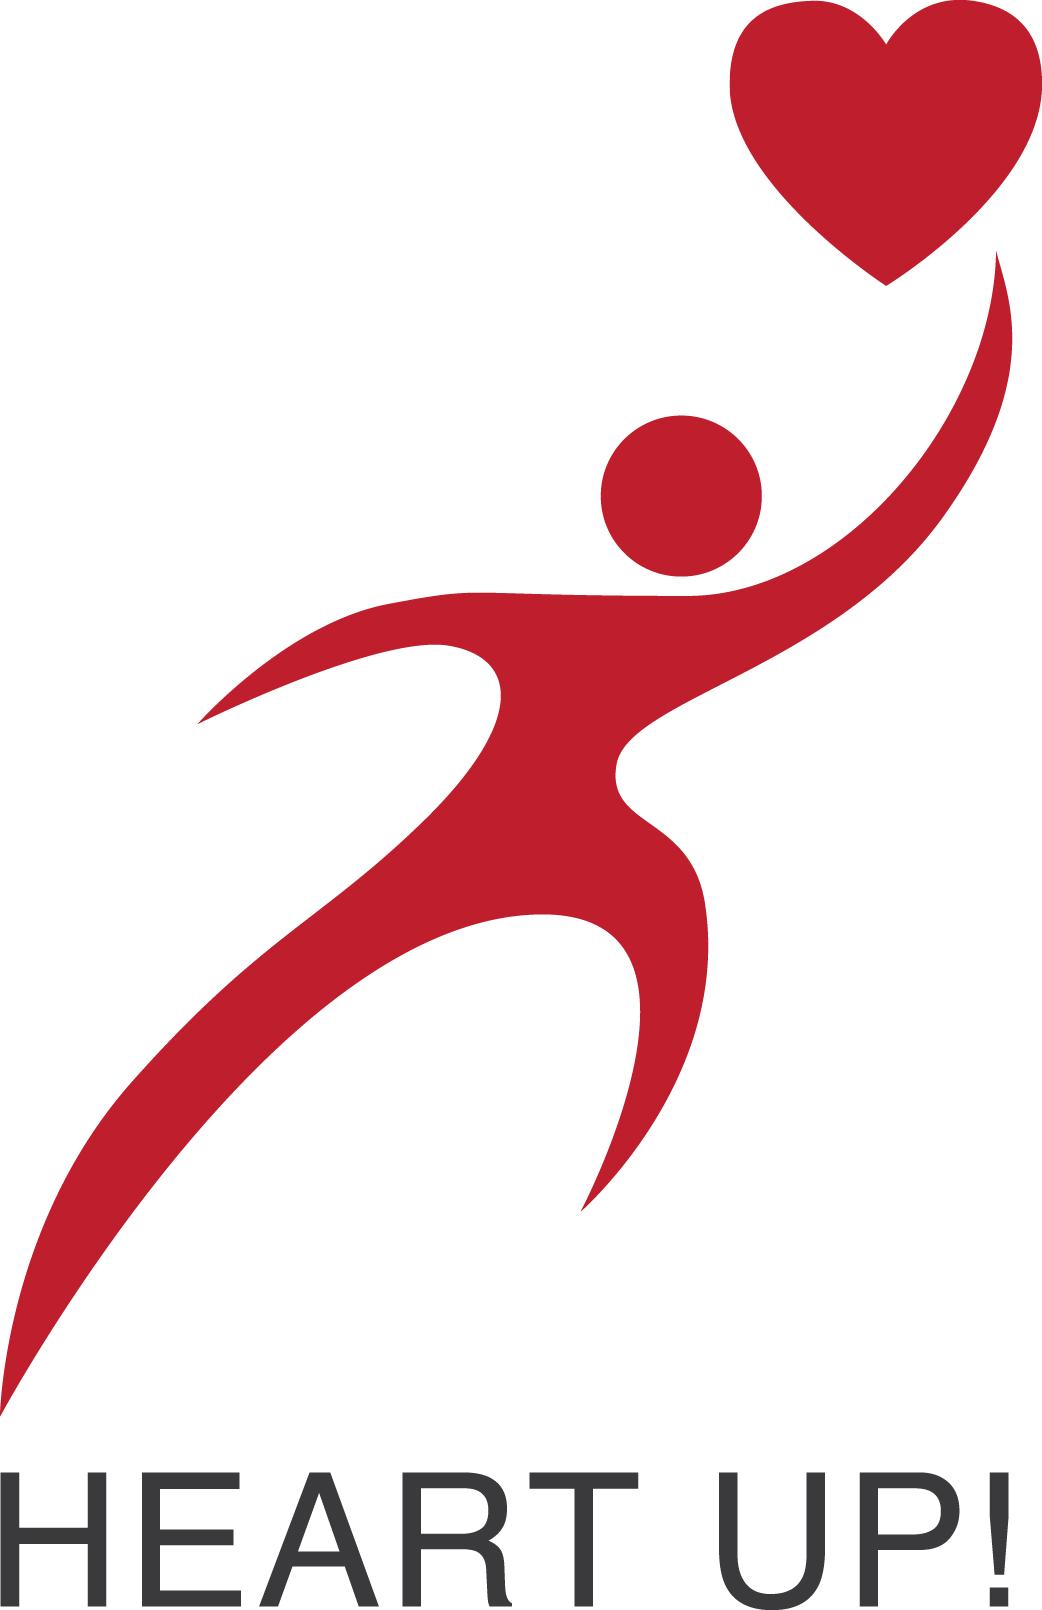 heart up logo